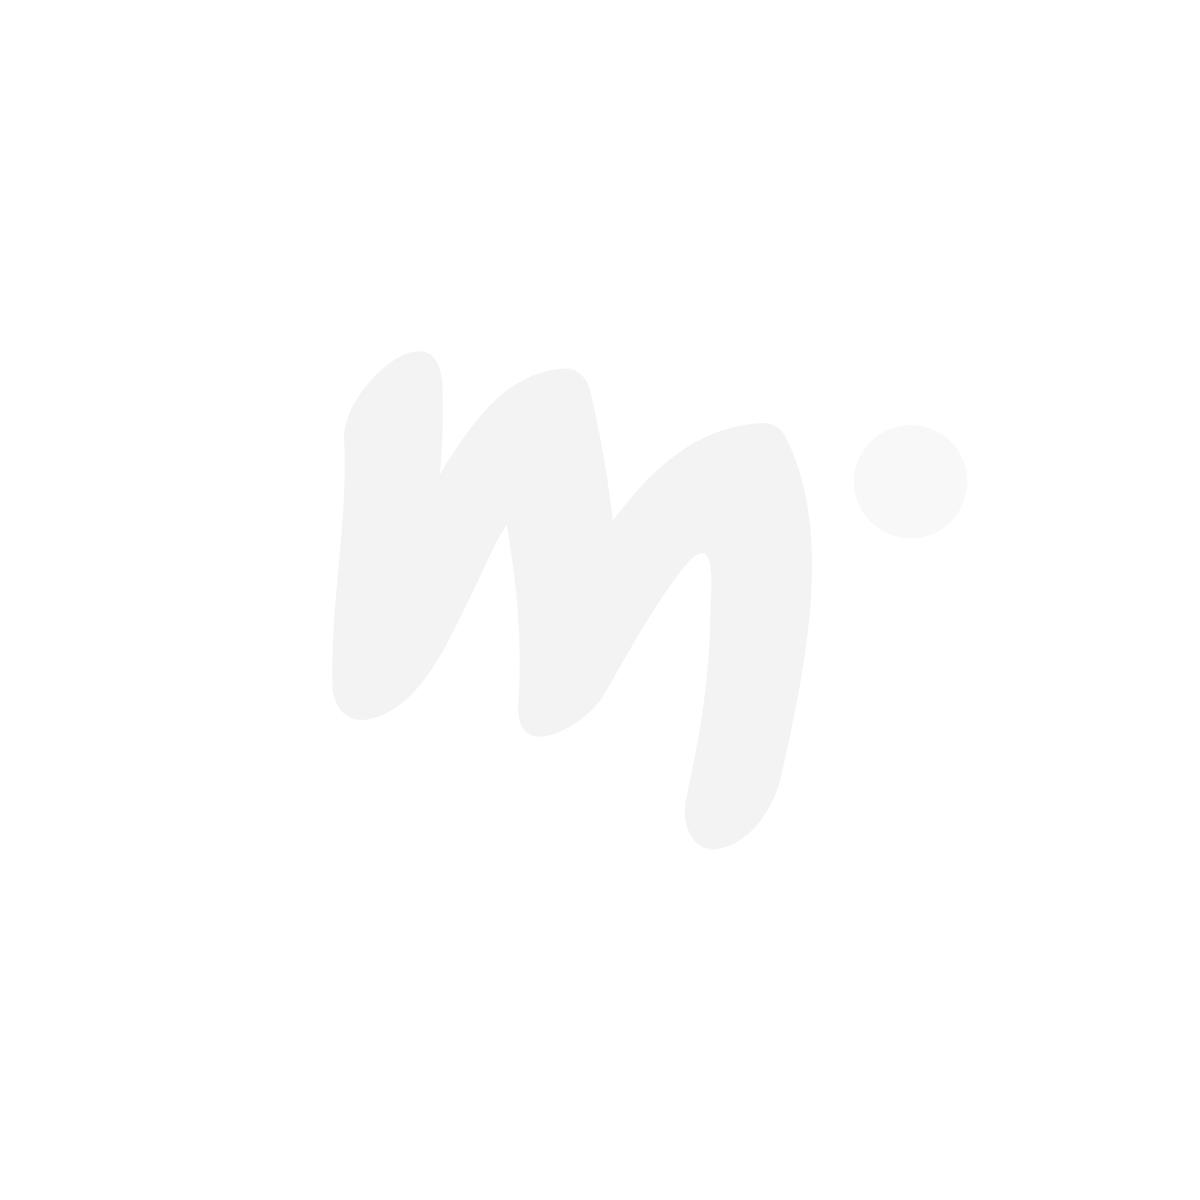 Muumi Hatut-fleecetakki harmaa